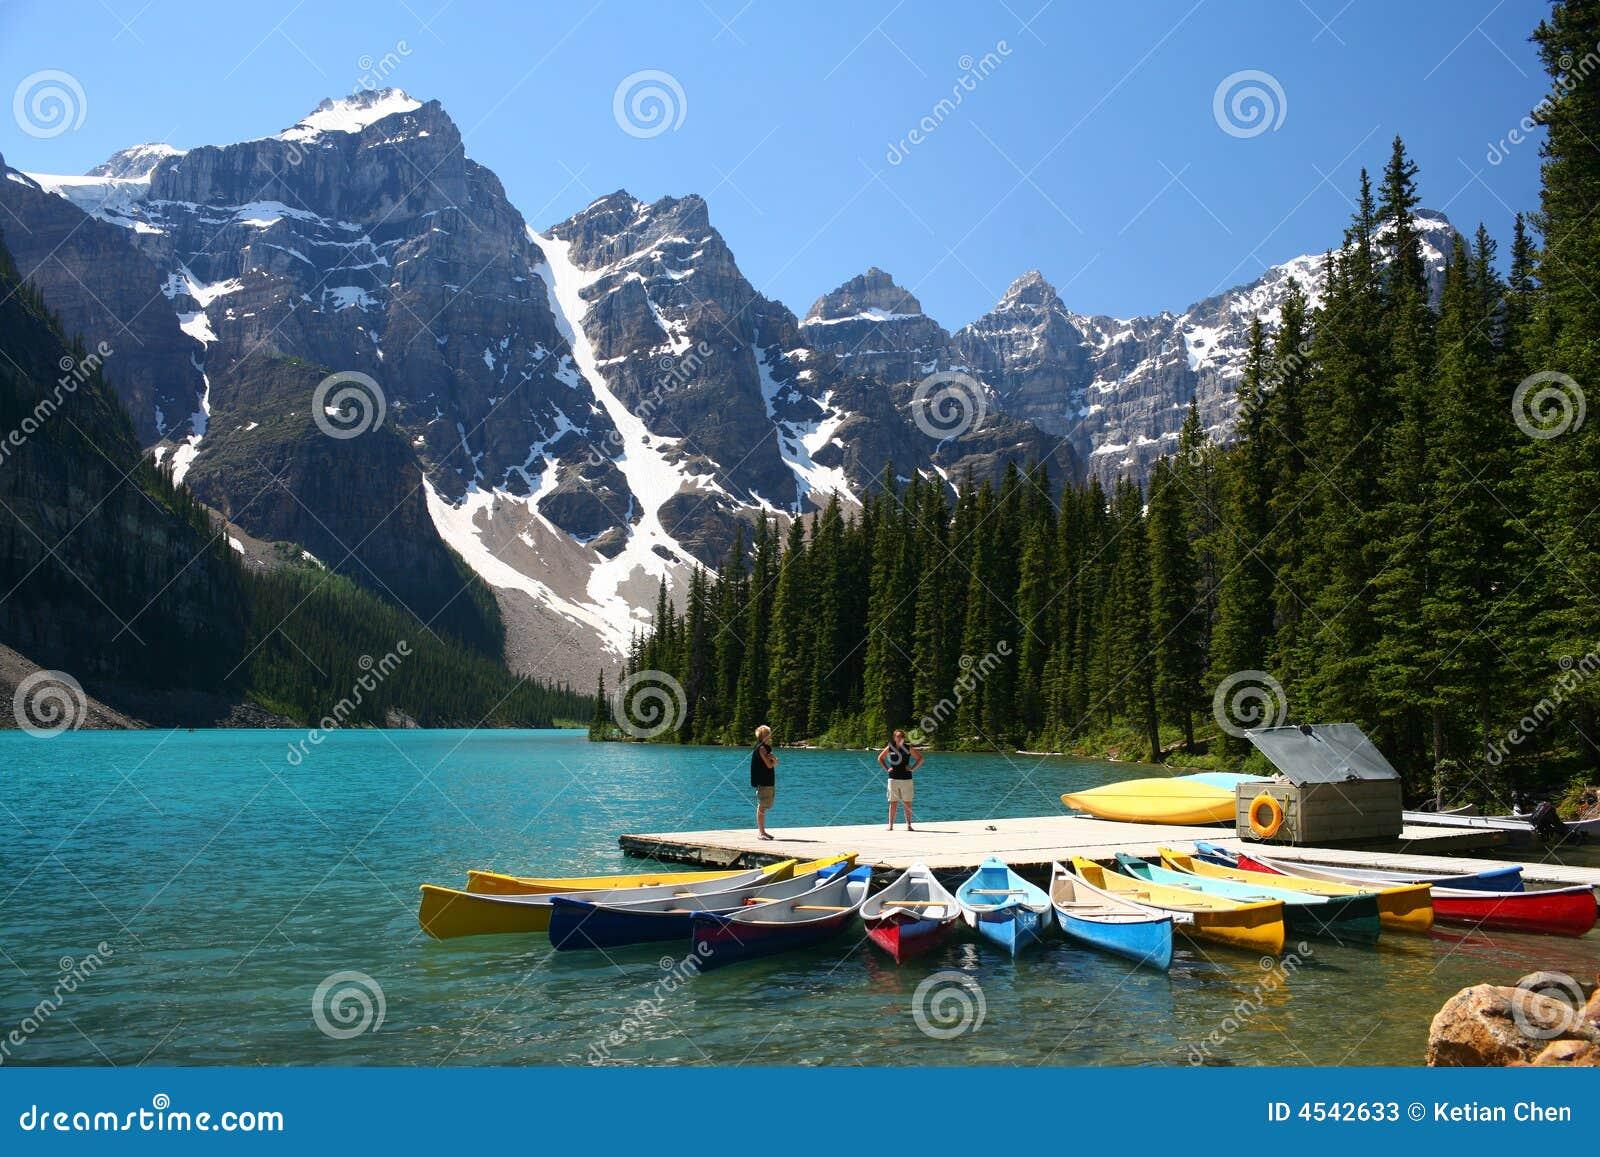 Moraine Lake Banff National Park Canada Stock Image Image Of